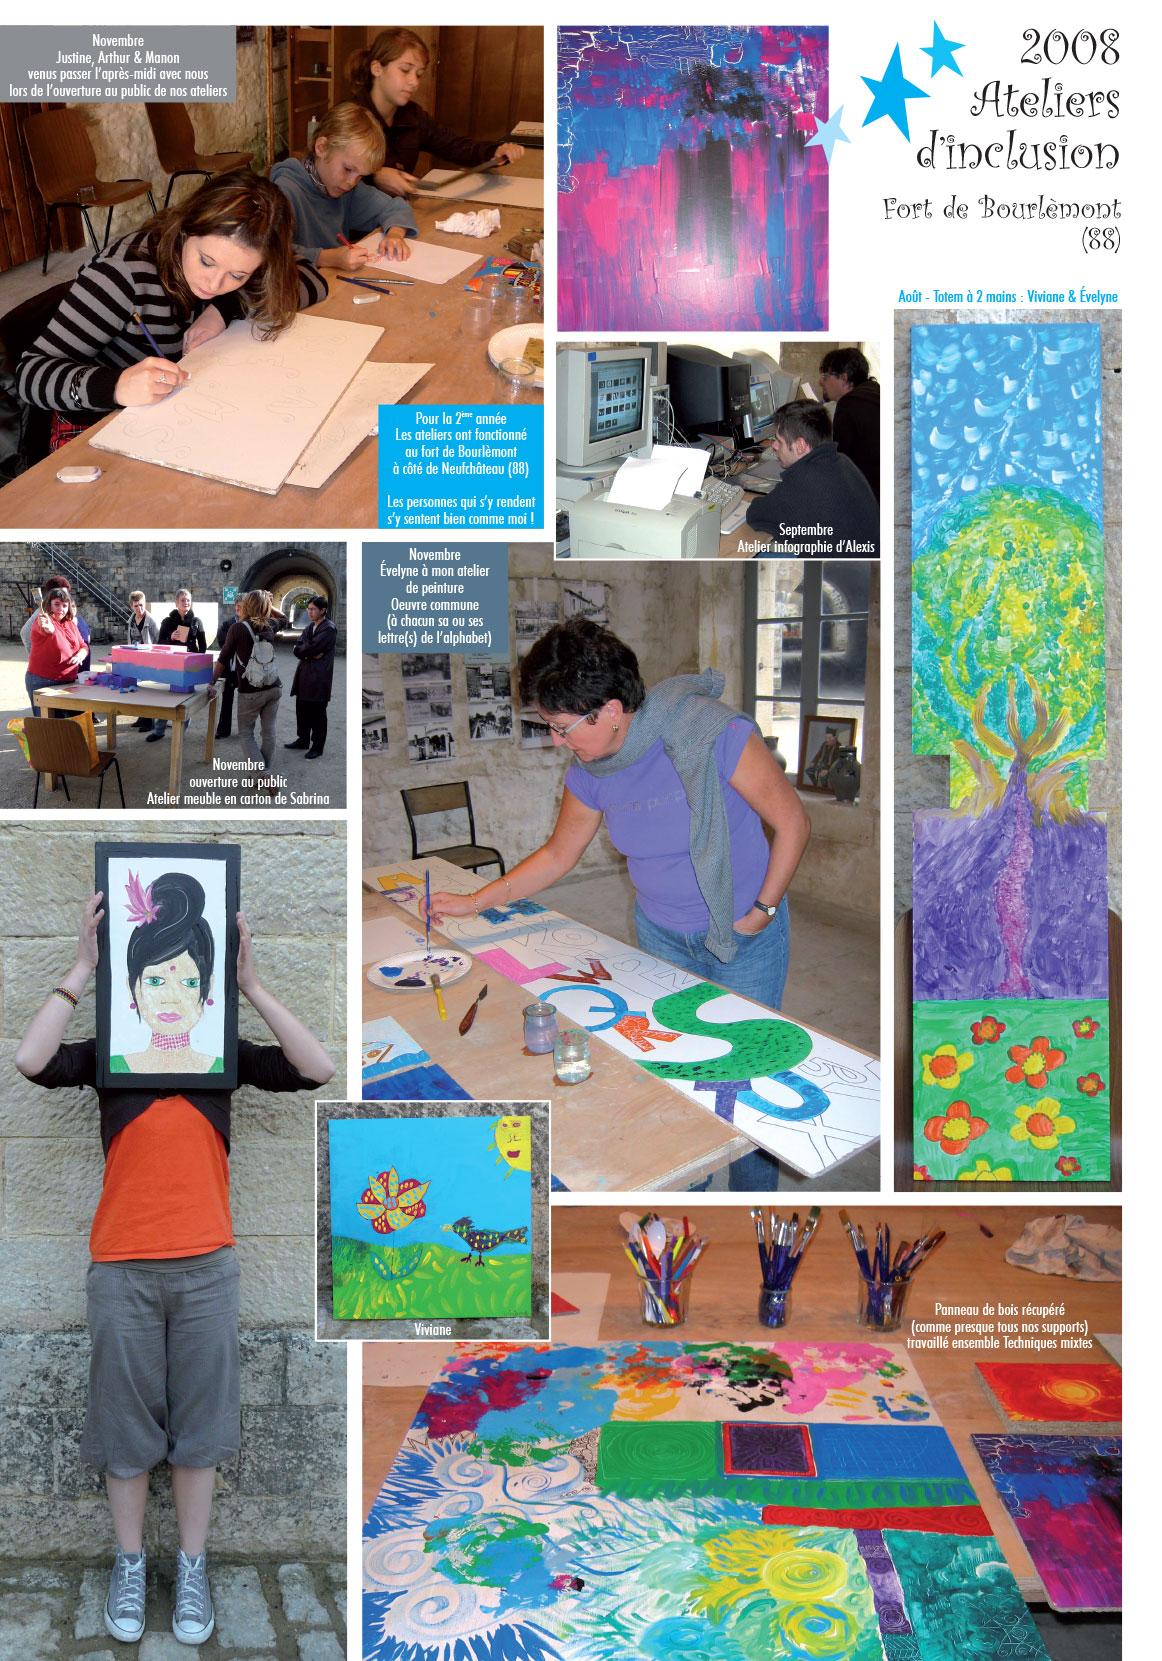 2008-atelier-d'inclusion